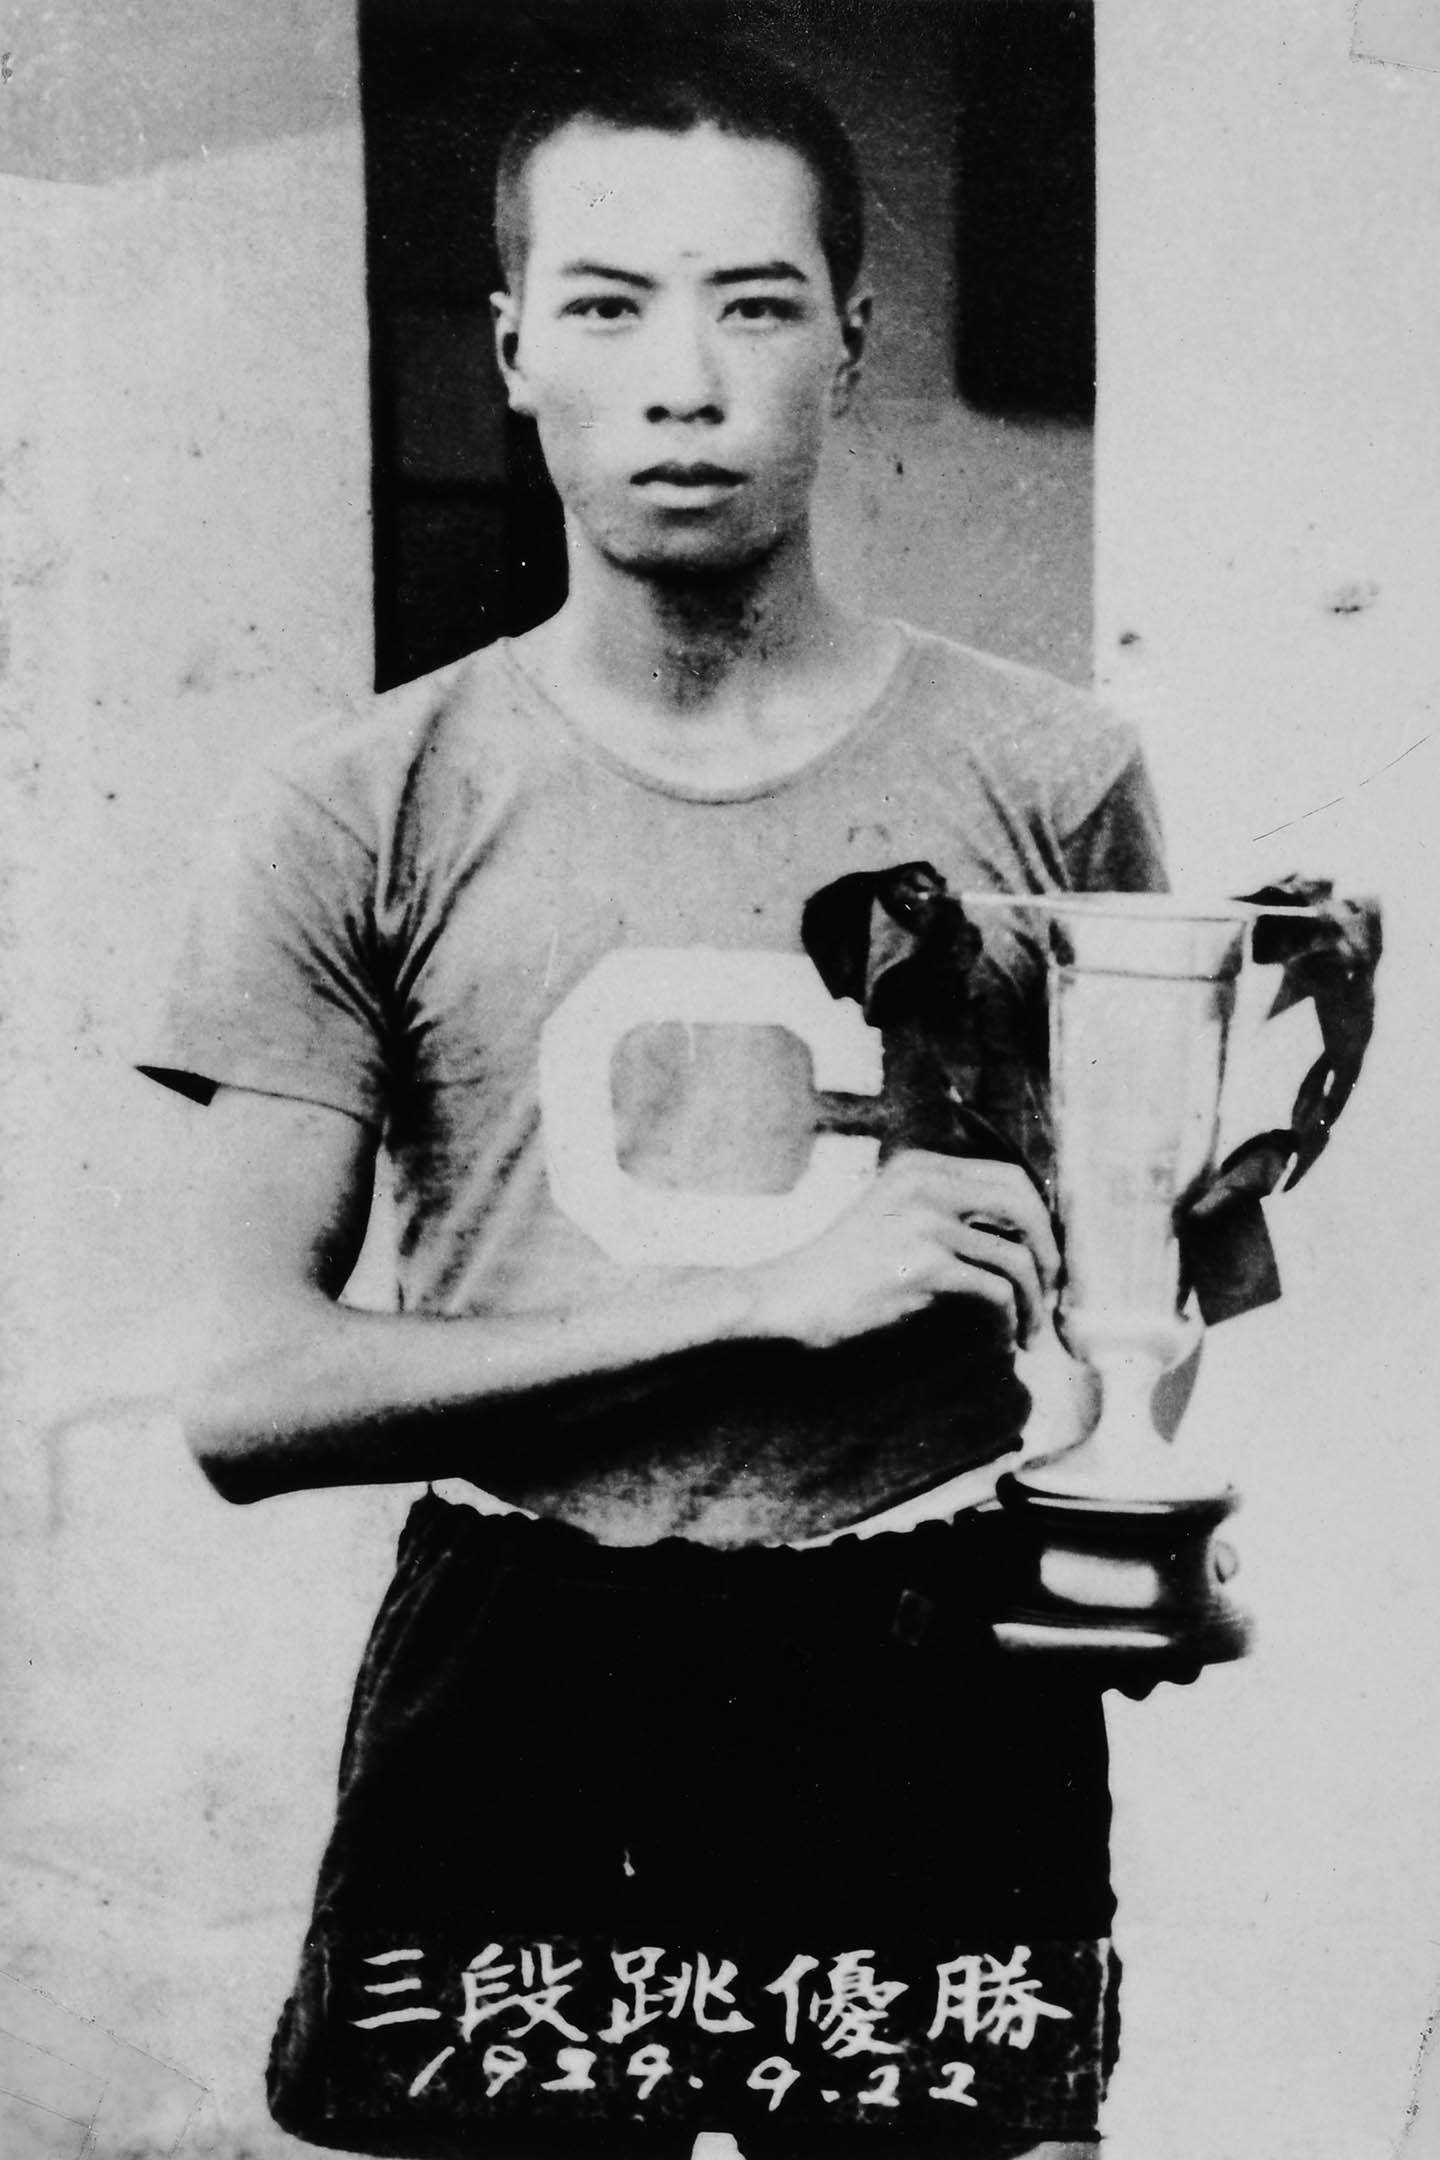 1929年9月,張星賢參加第10回「全島陸上競技選手權大會」,在三級跳遠項目獲得優勝。